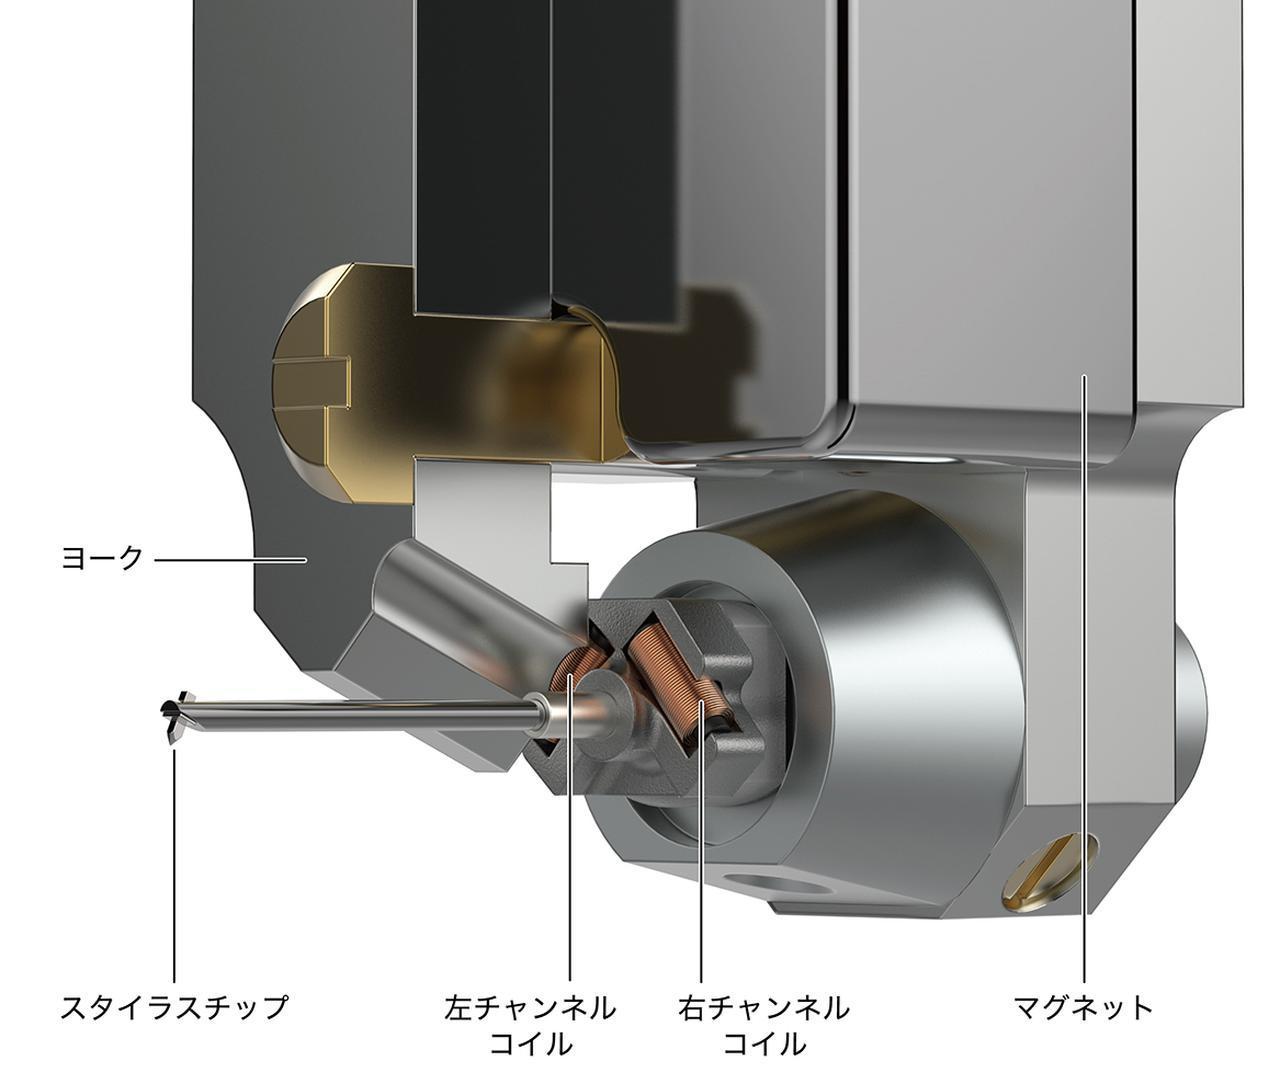 画像2: 磁気回路が刷新されたMC型のARTシリーズ。 オーディオテクニカ AT-ART9XI,AT-ART9XA 2機種同時に発売